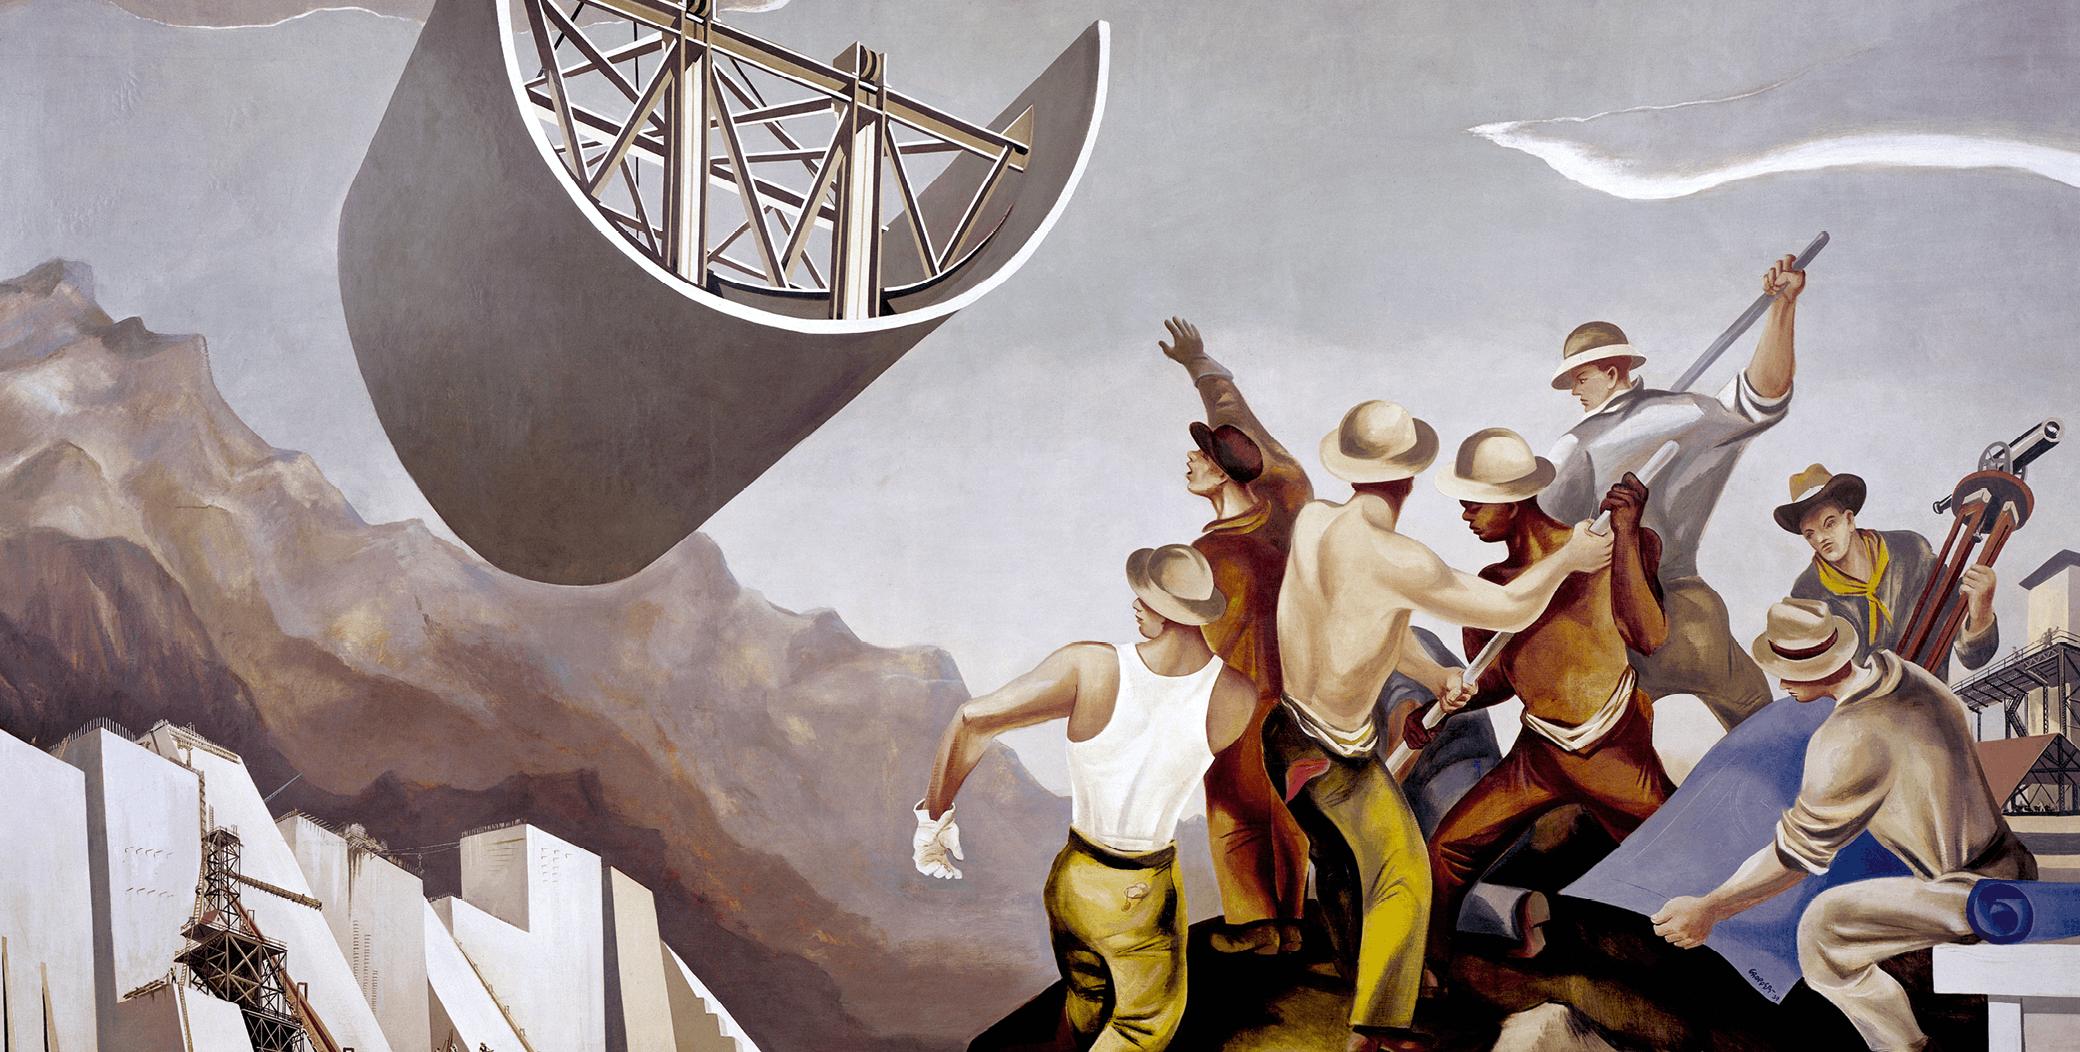 William Gropper, Construction d'un barrage, 1939, fresque murale